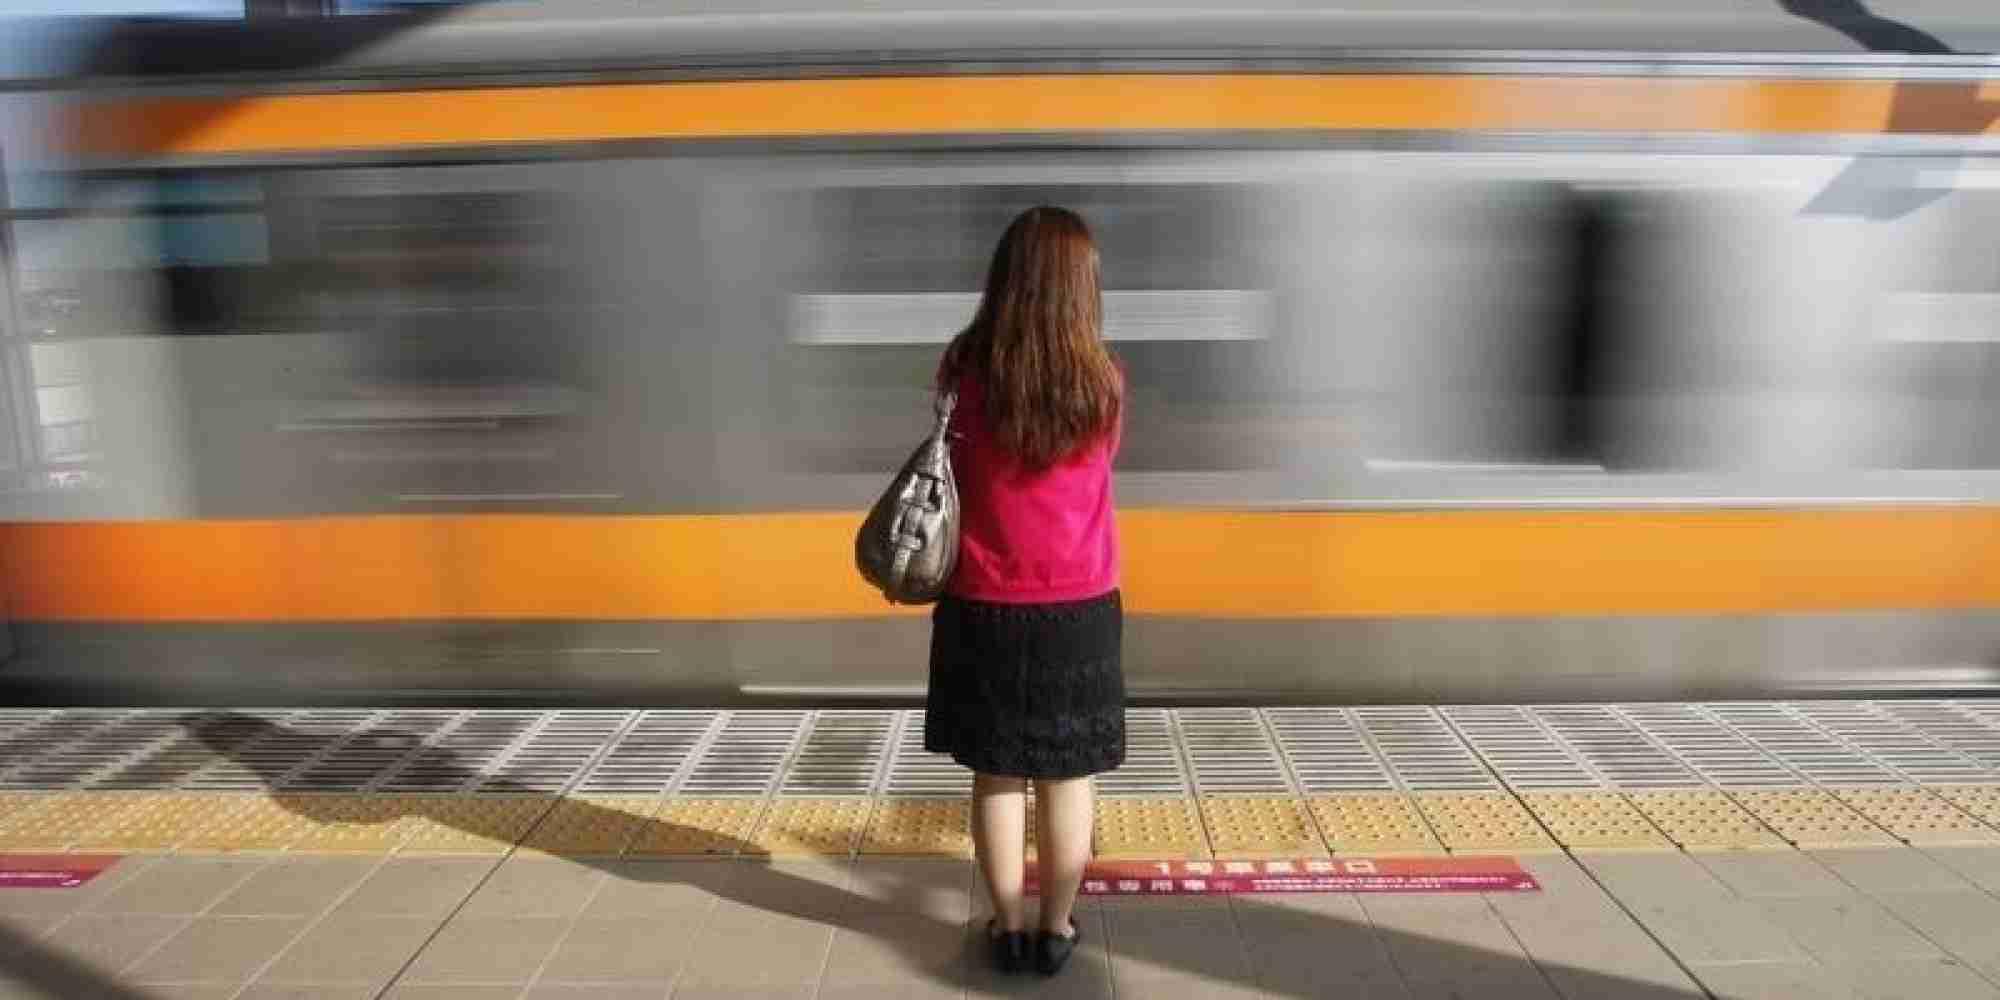 若い女性の人口、2040年までに半減? 有識者会議が試算